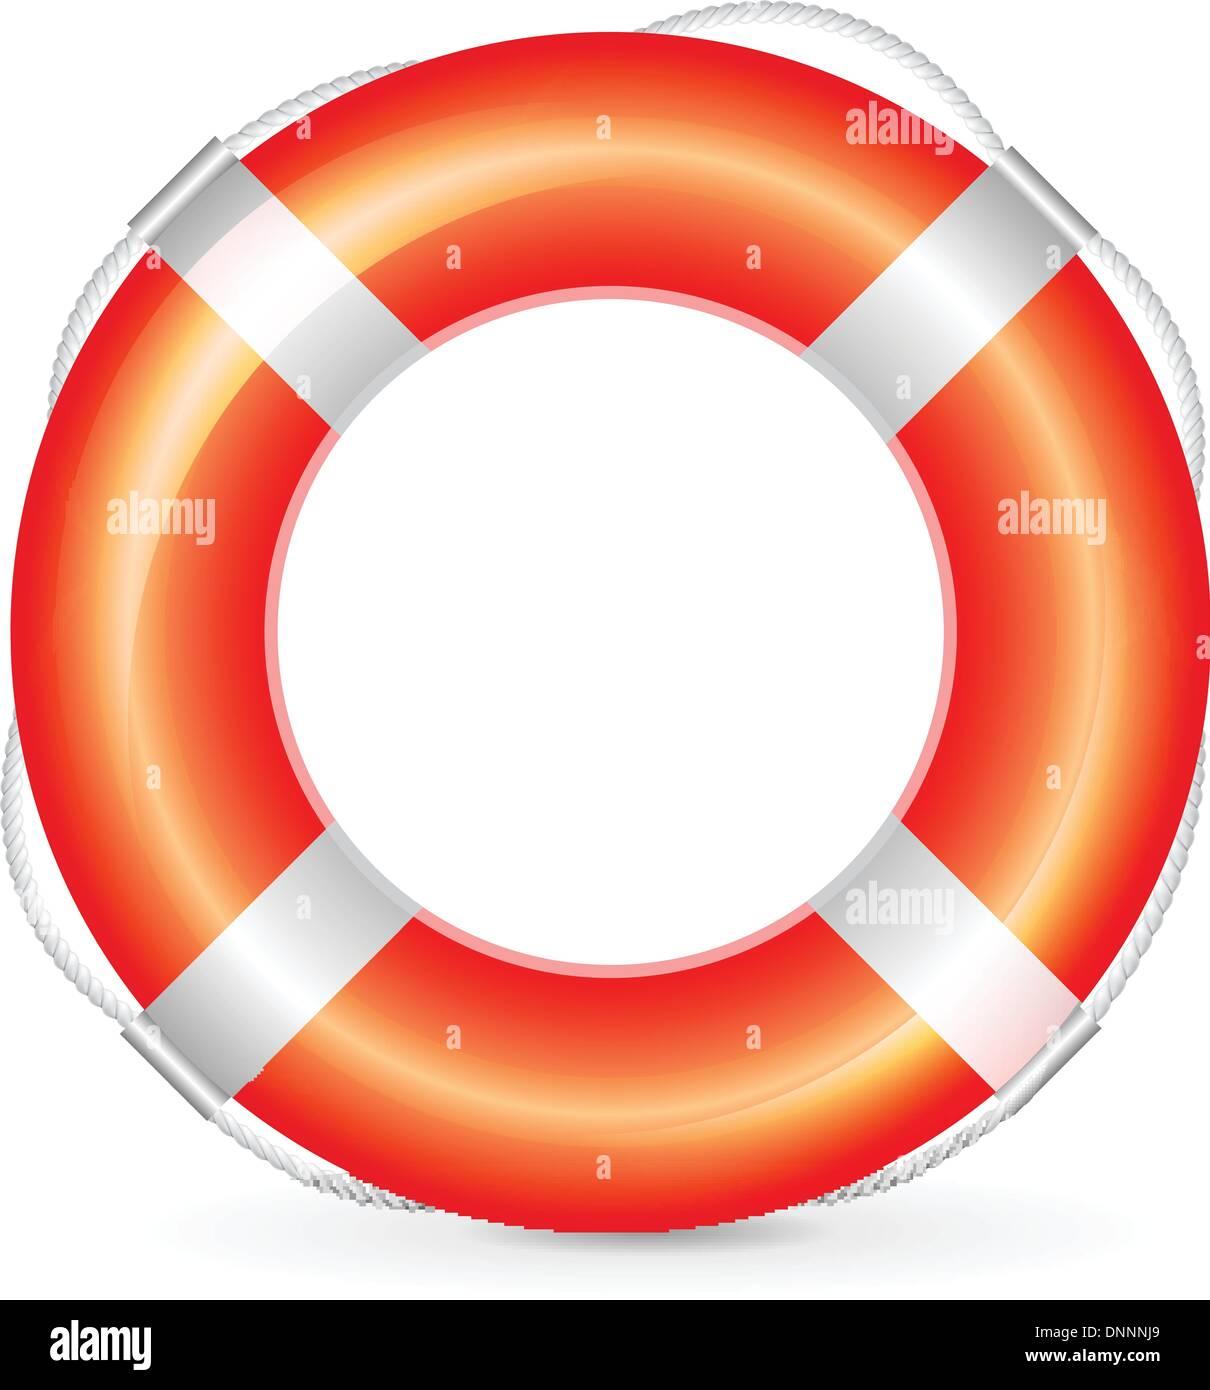 Realista con una cuerda salvavidas rojo sobre fondo blanco. Imagen De Stock